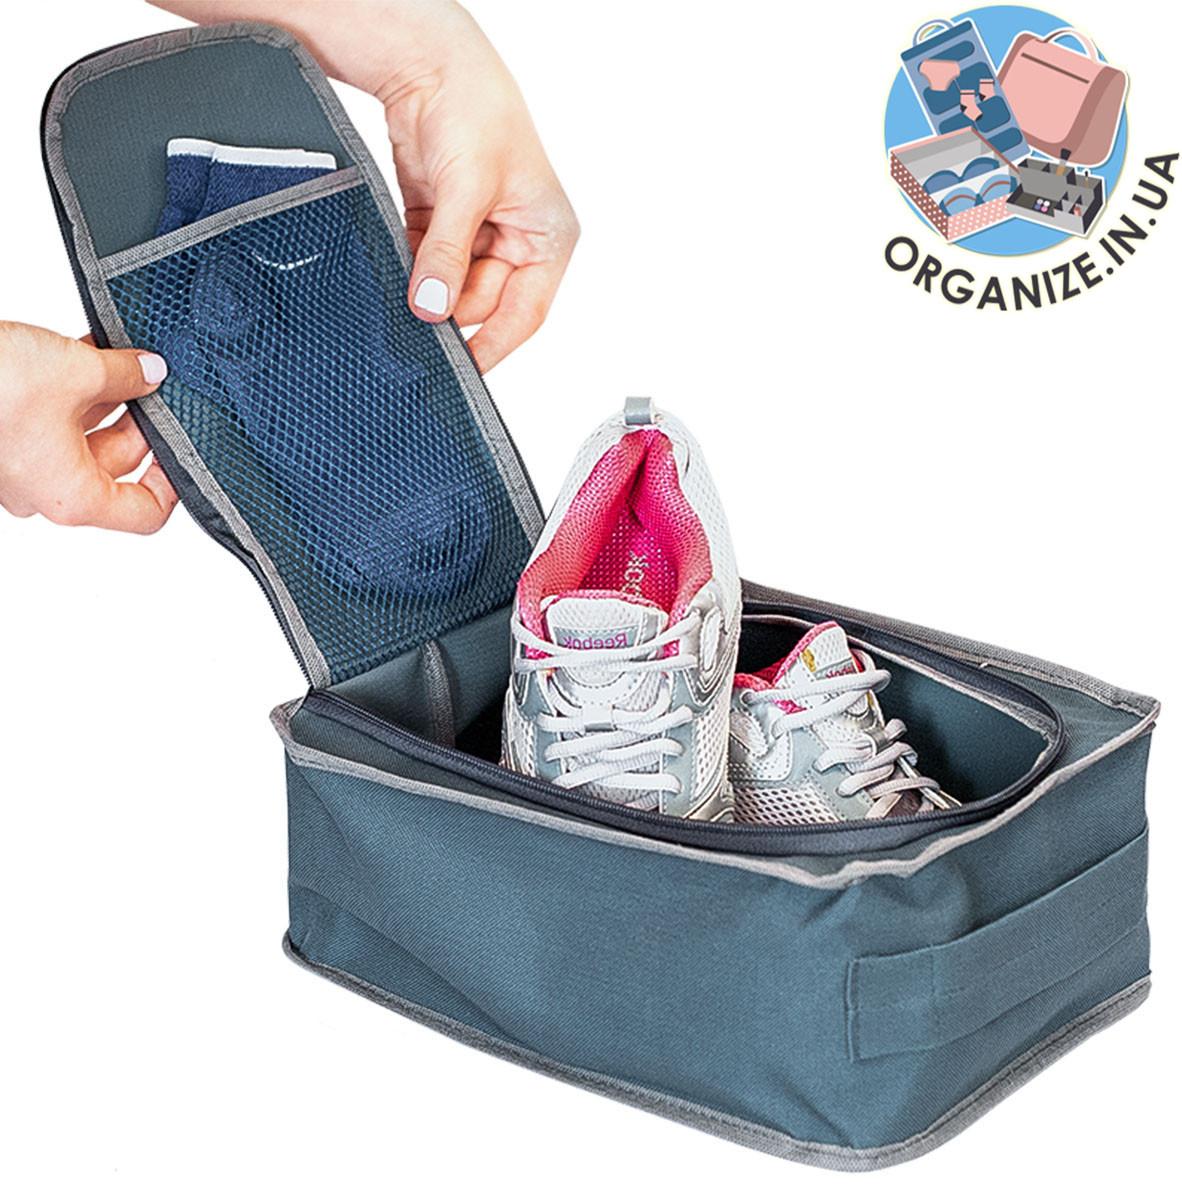 Органайзер для обуви для путешествий ORGANIZE (серый)